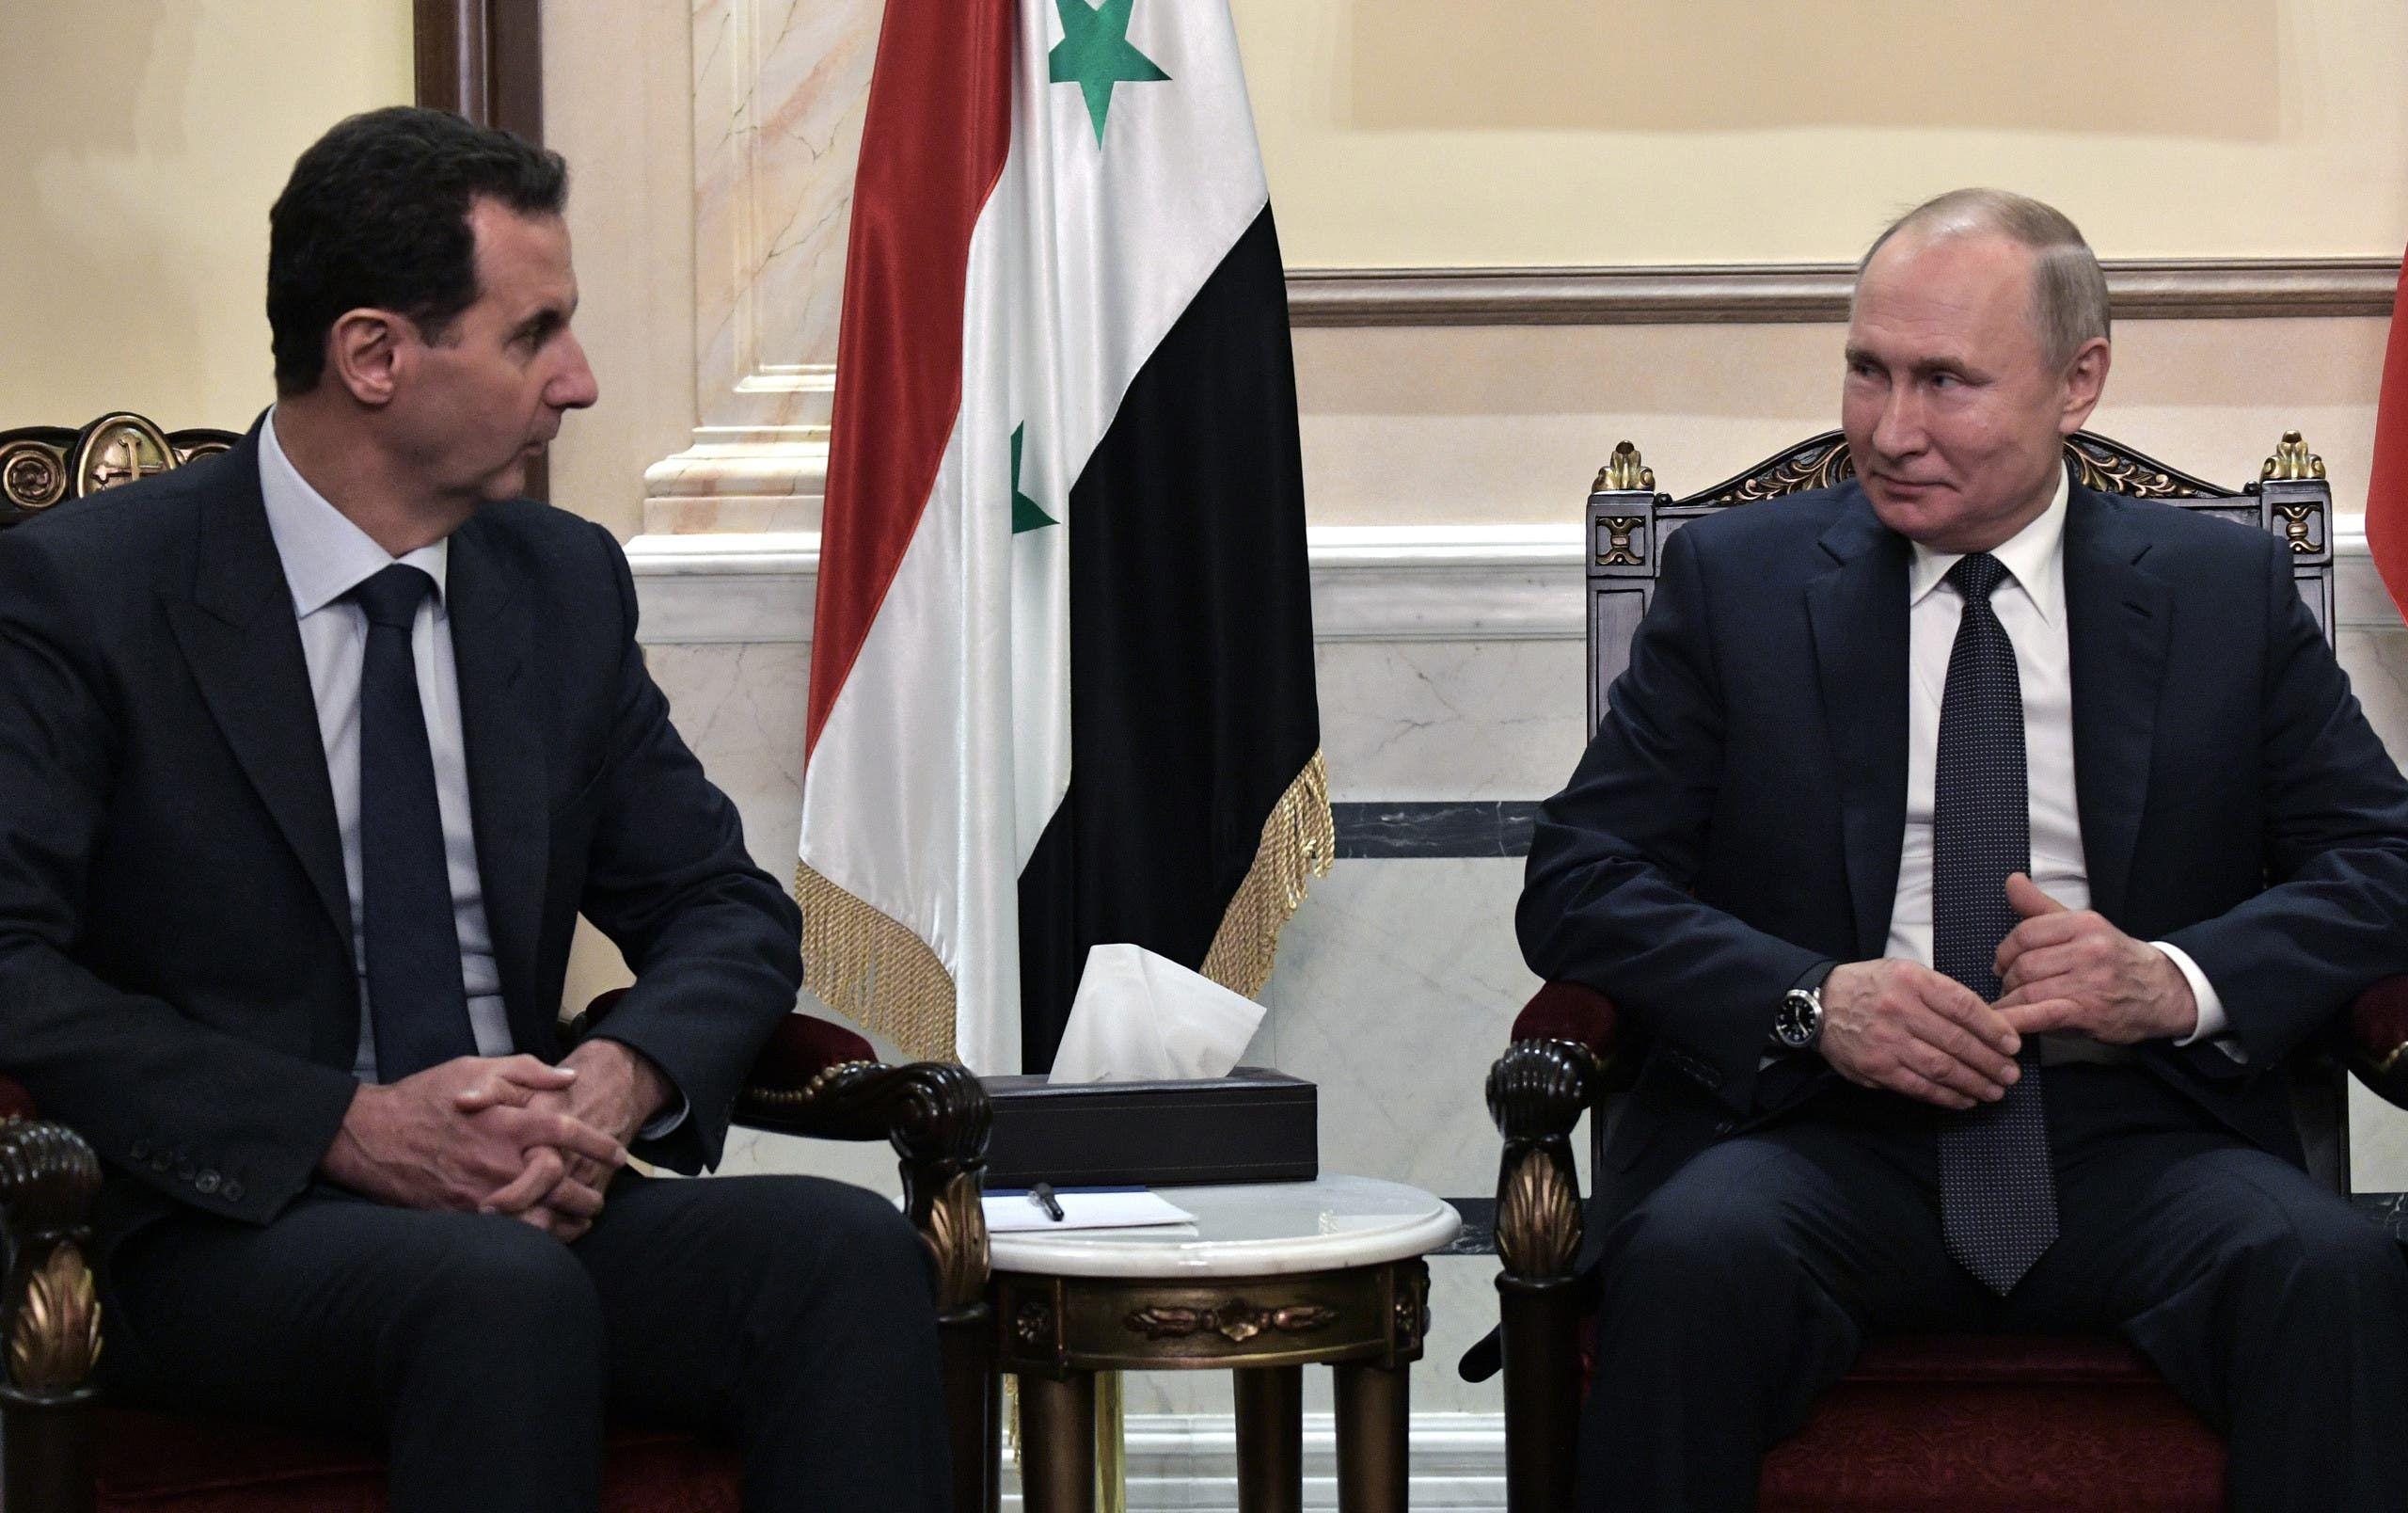 من لقاء بوتين والأسد في دمشق في يناير 2020 (فرانس برس)